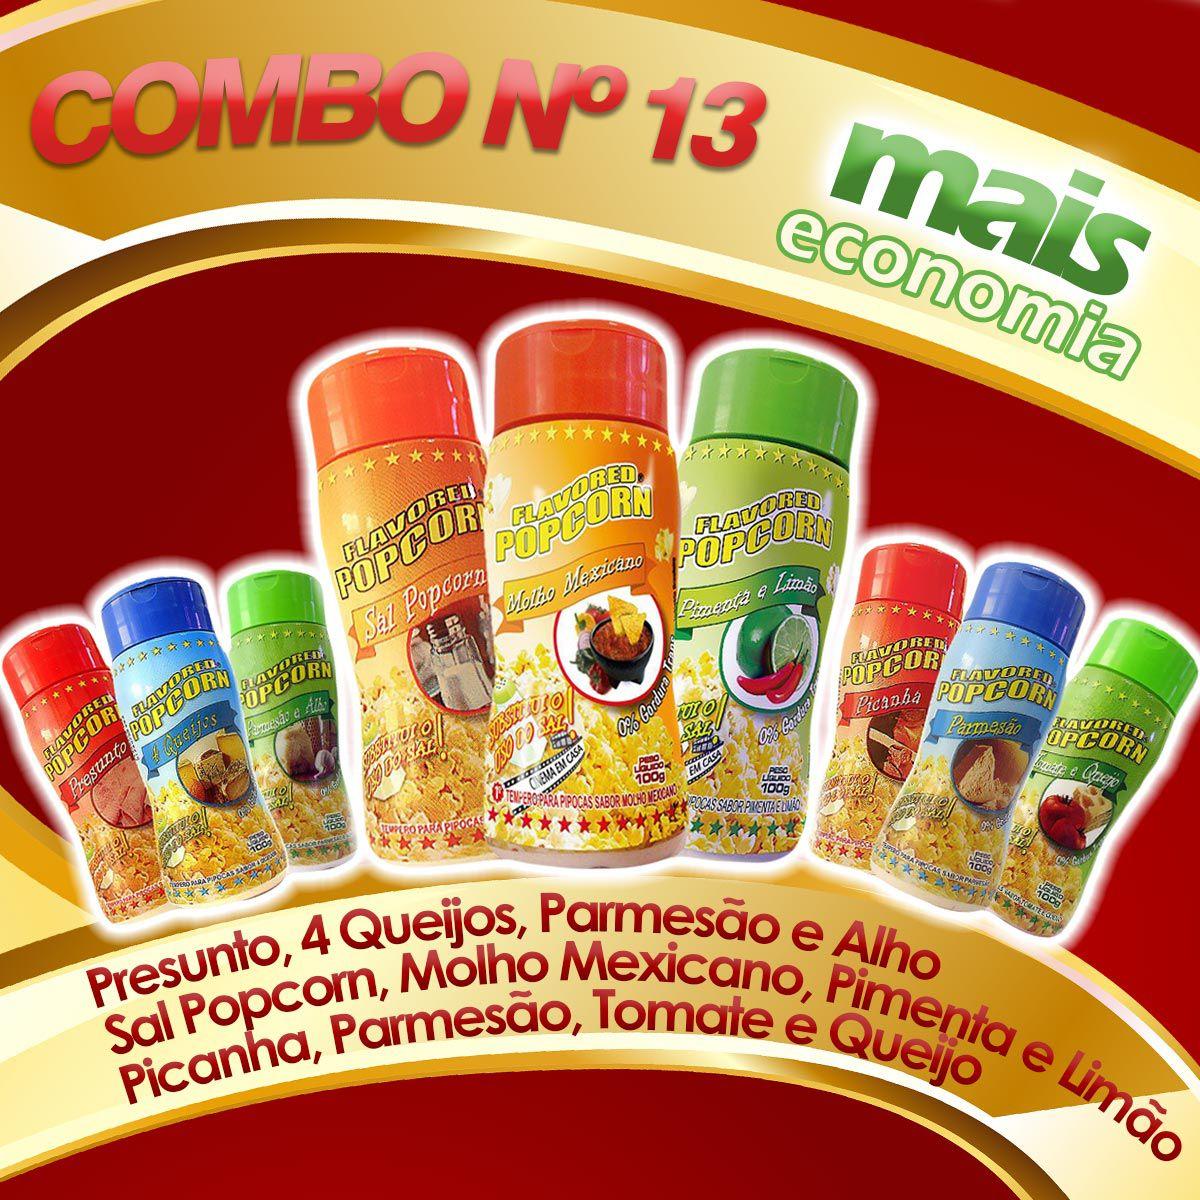 Combo Temperos Popcorn nº13 -  Parmesão, Picanha, Tomate e queijo, Quatro queijos, Presunto, Parmesão e Alho, Pimenta e limão, Molho mexicano, Sal Popcorn